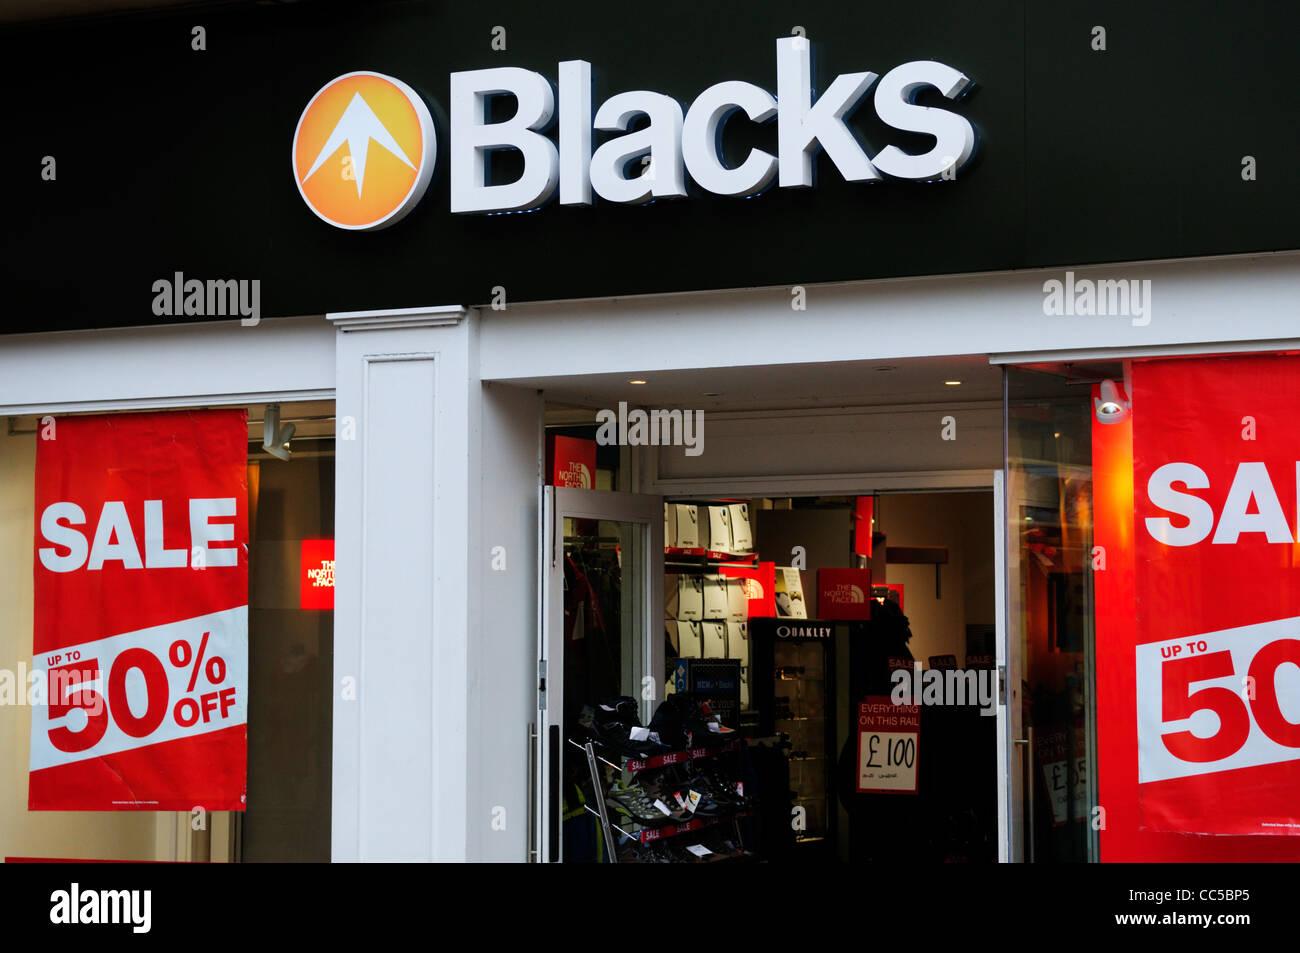 Los negros Outdoor tienda con venta avisos, Cambridge, Inglaterra, Reino Unido. Imagen De Stock